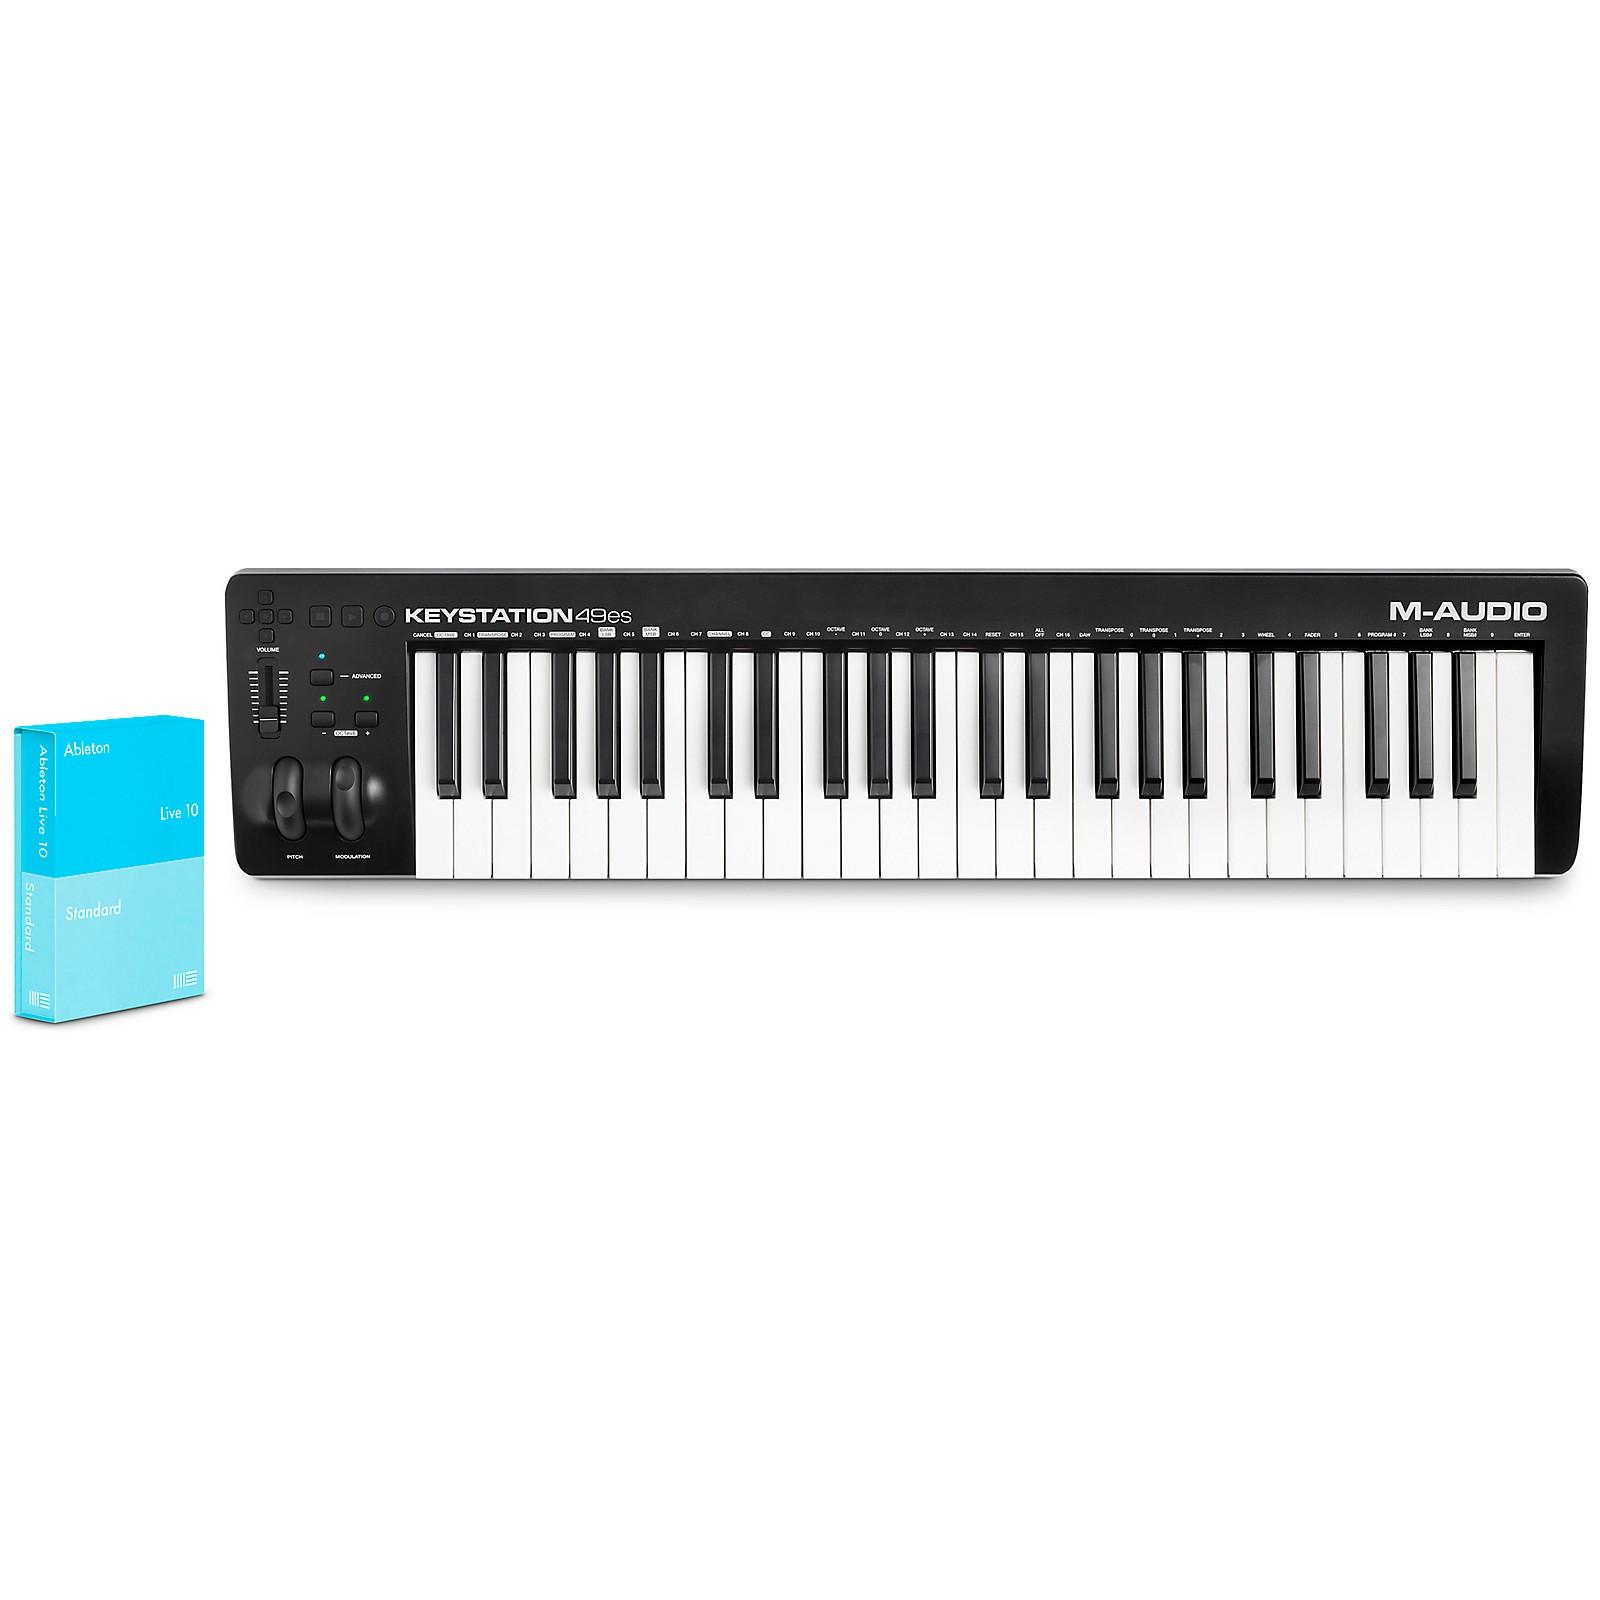 M-Audio Keystation 49es MK3 with Ableton Live 10 Standard Upgrade From Live Lite